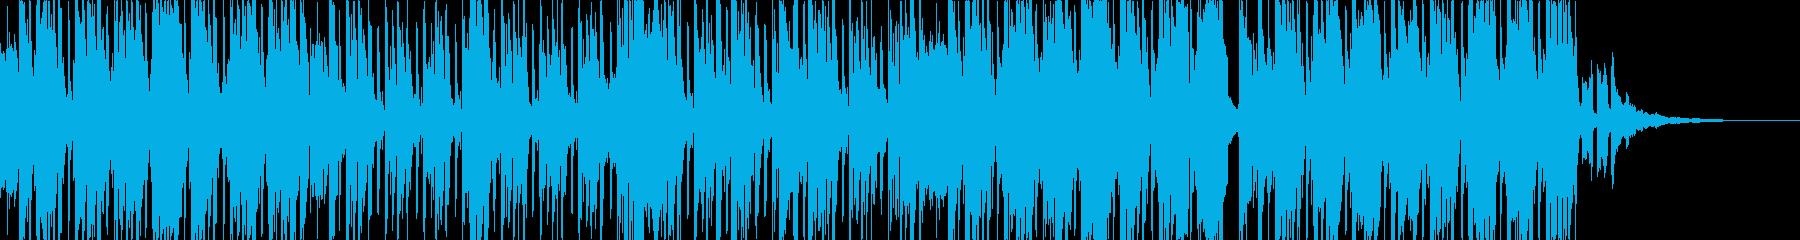 お洒落で可愛いインストの再生済みの波形